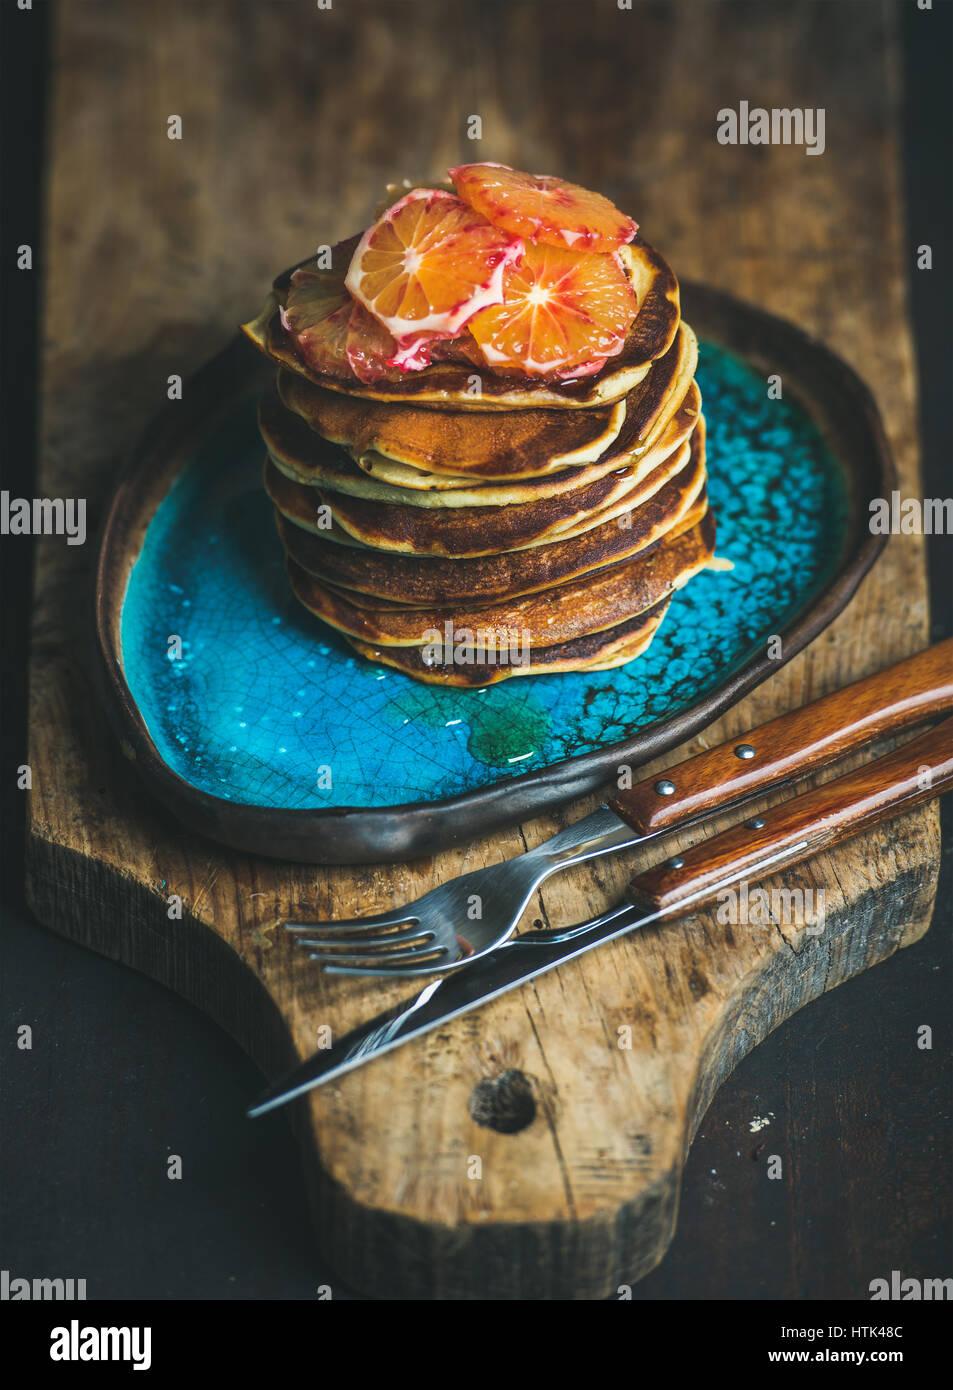 Tortitas con miel y sangrienta las rodajas de naranja sobre placa azul Imagen De Stock